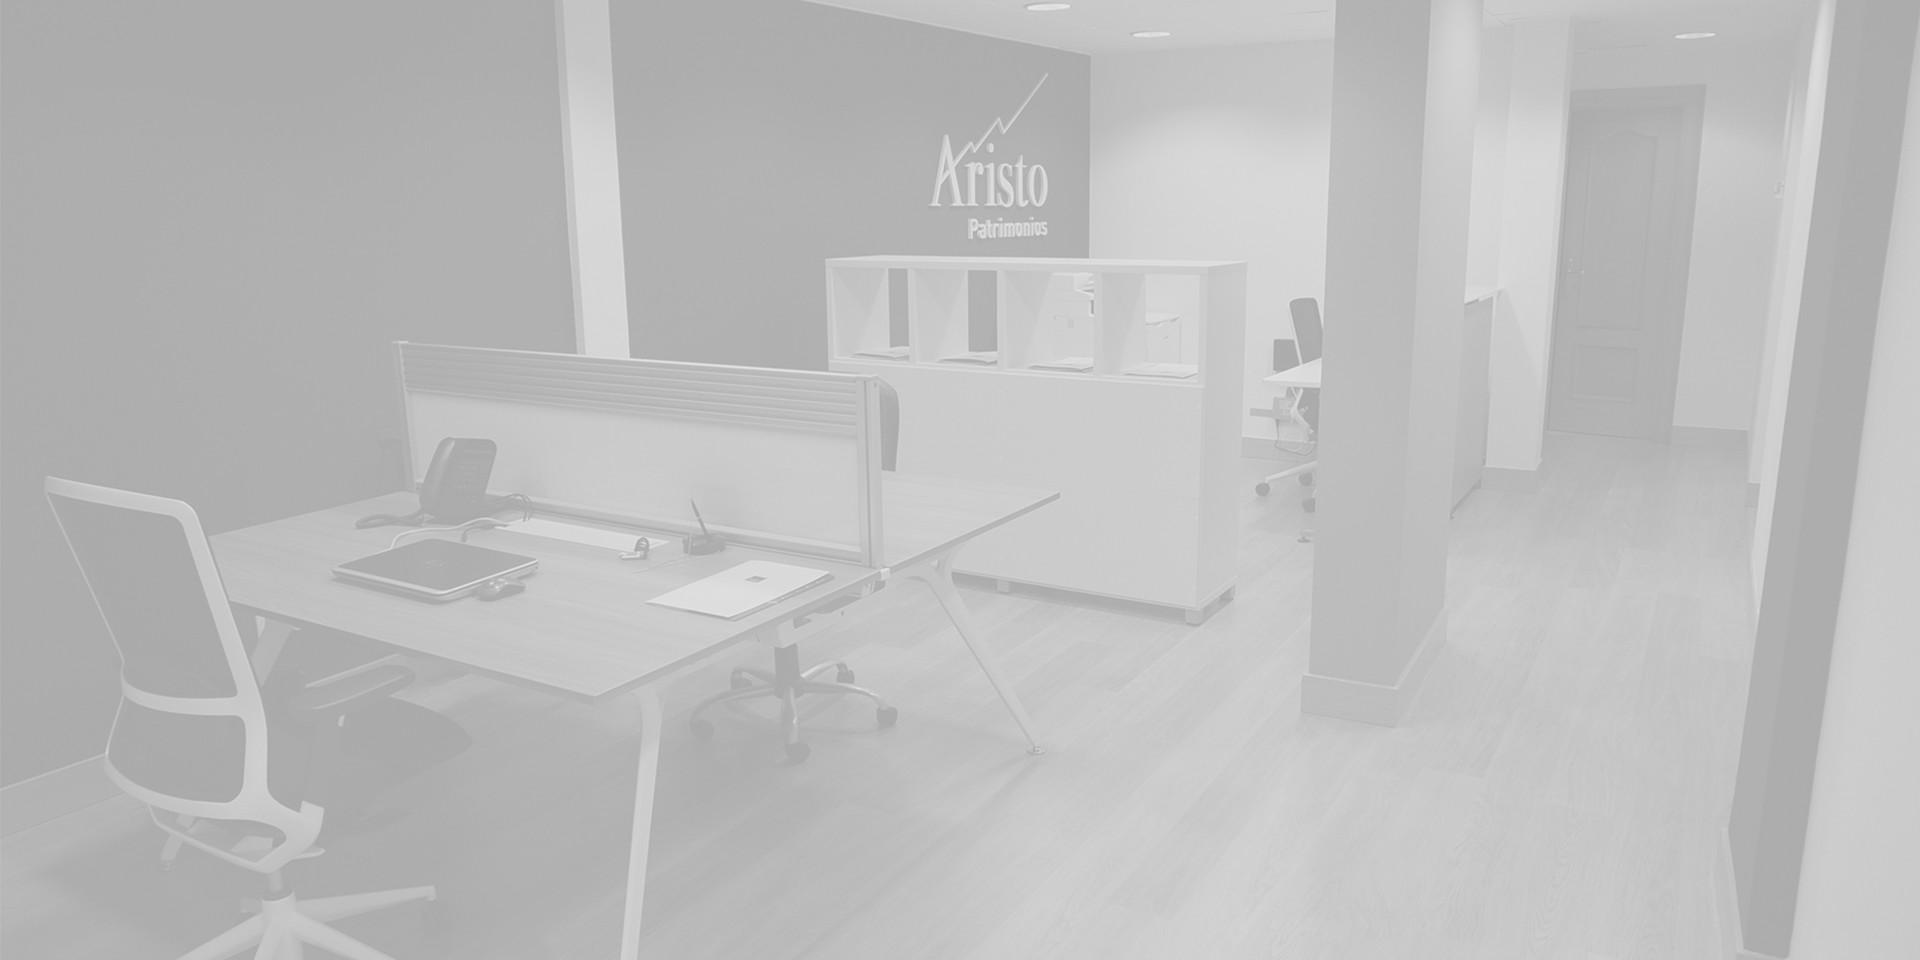 Oficina Aristo Logroño